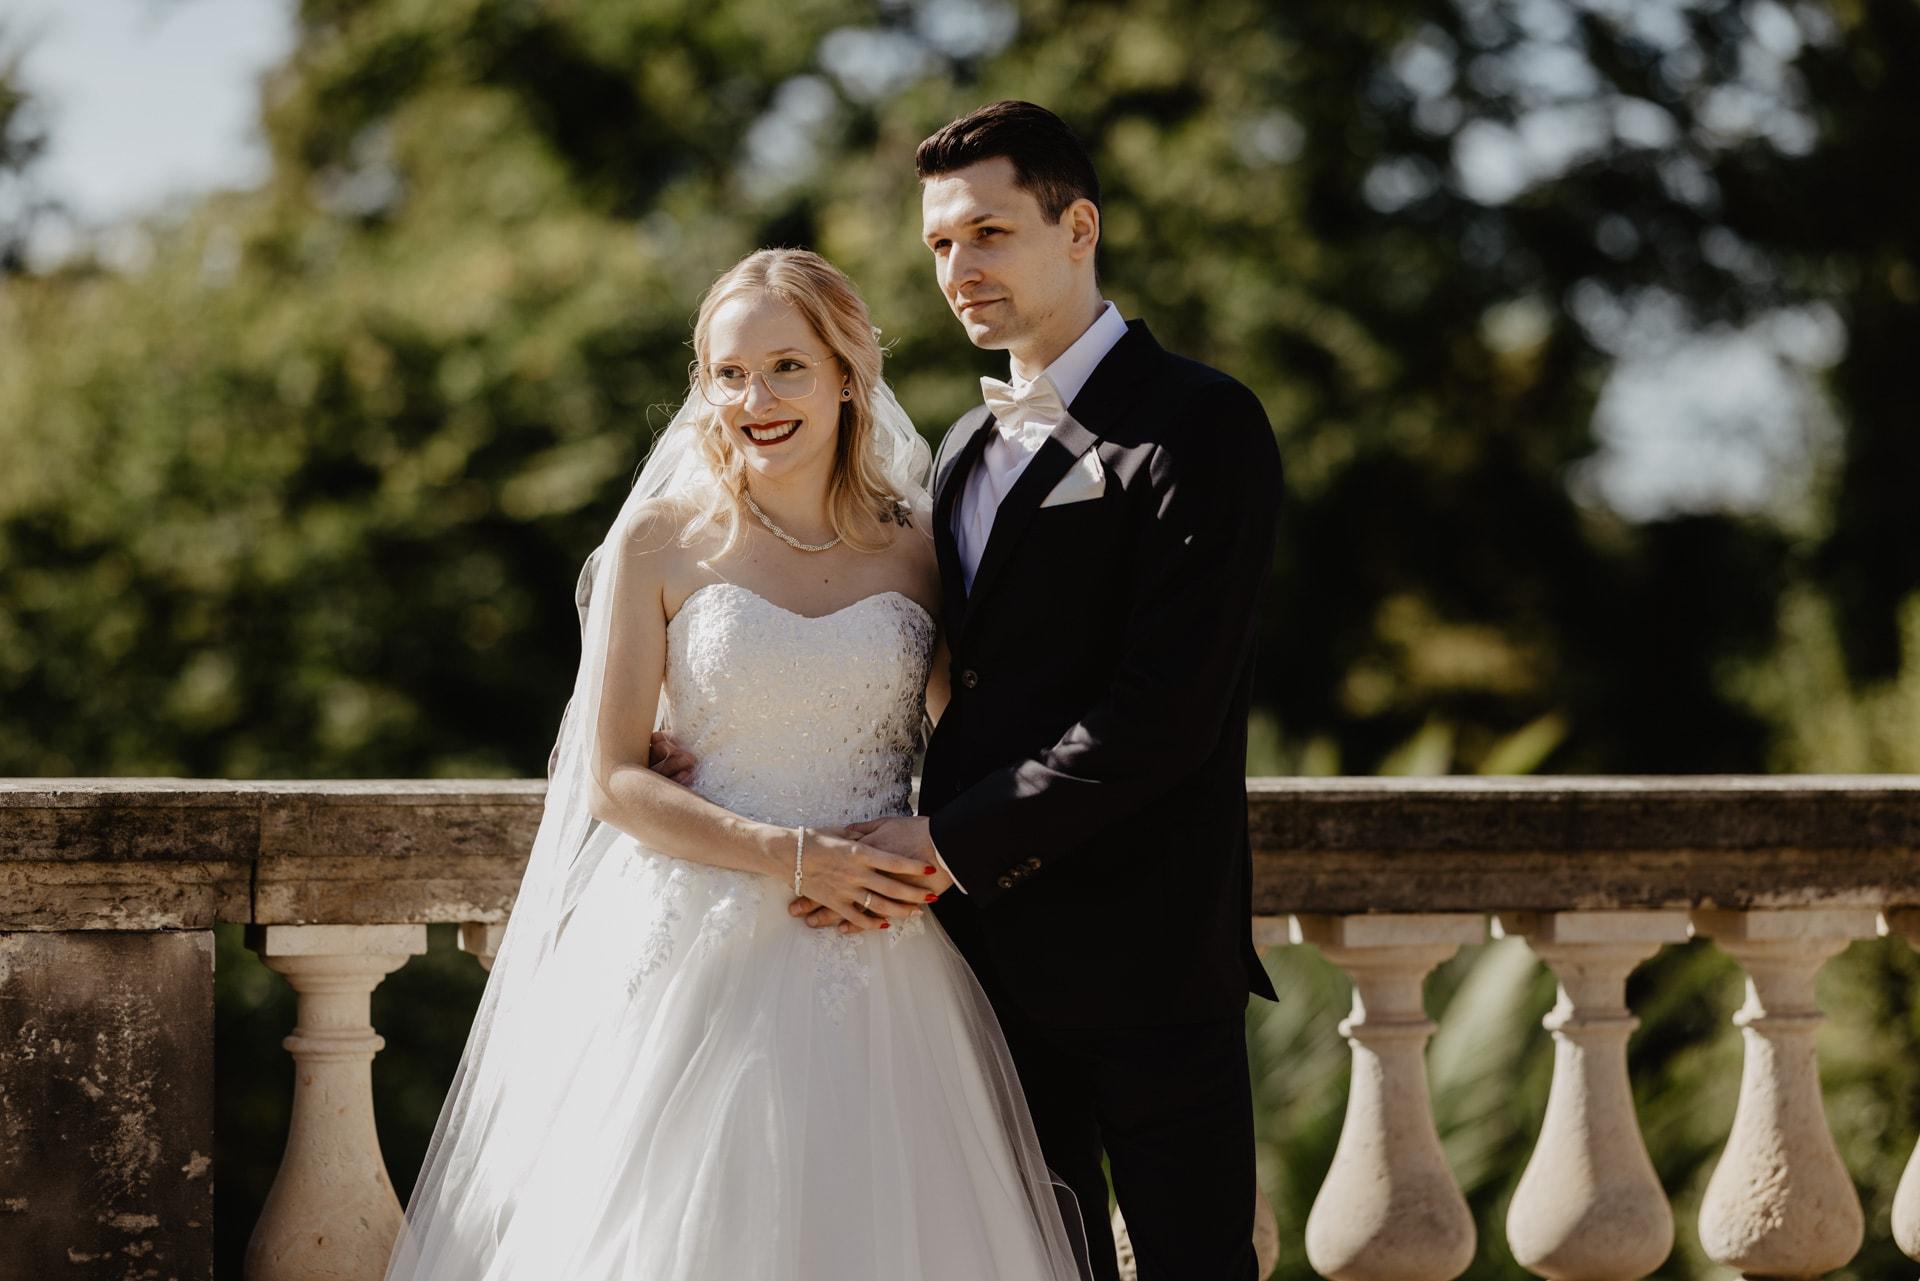 Hochzeitsfotos im Orangerieschloss in Potsdam